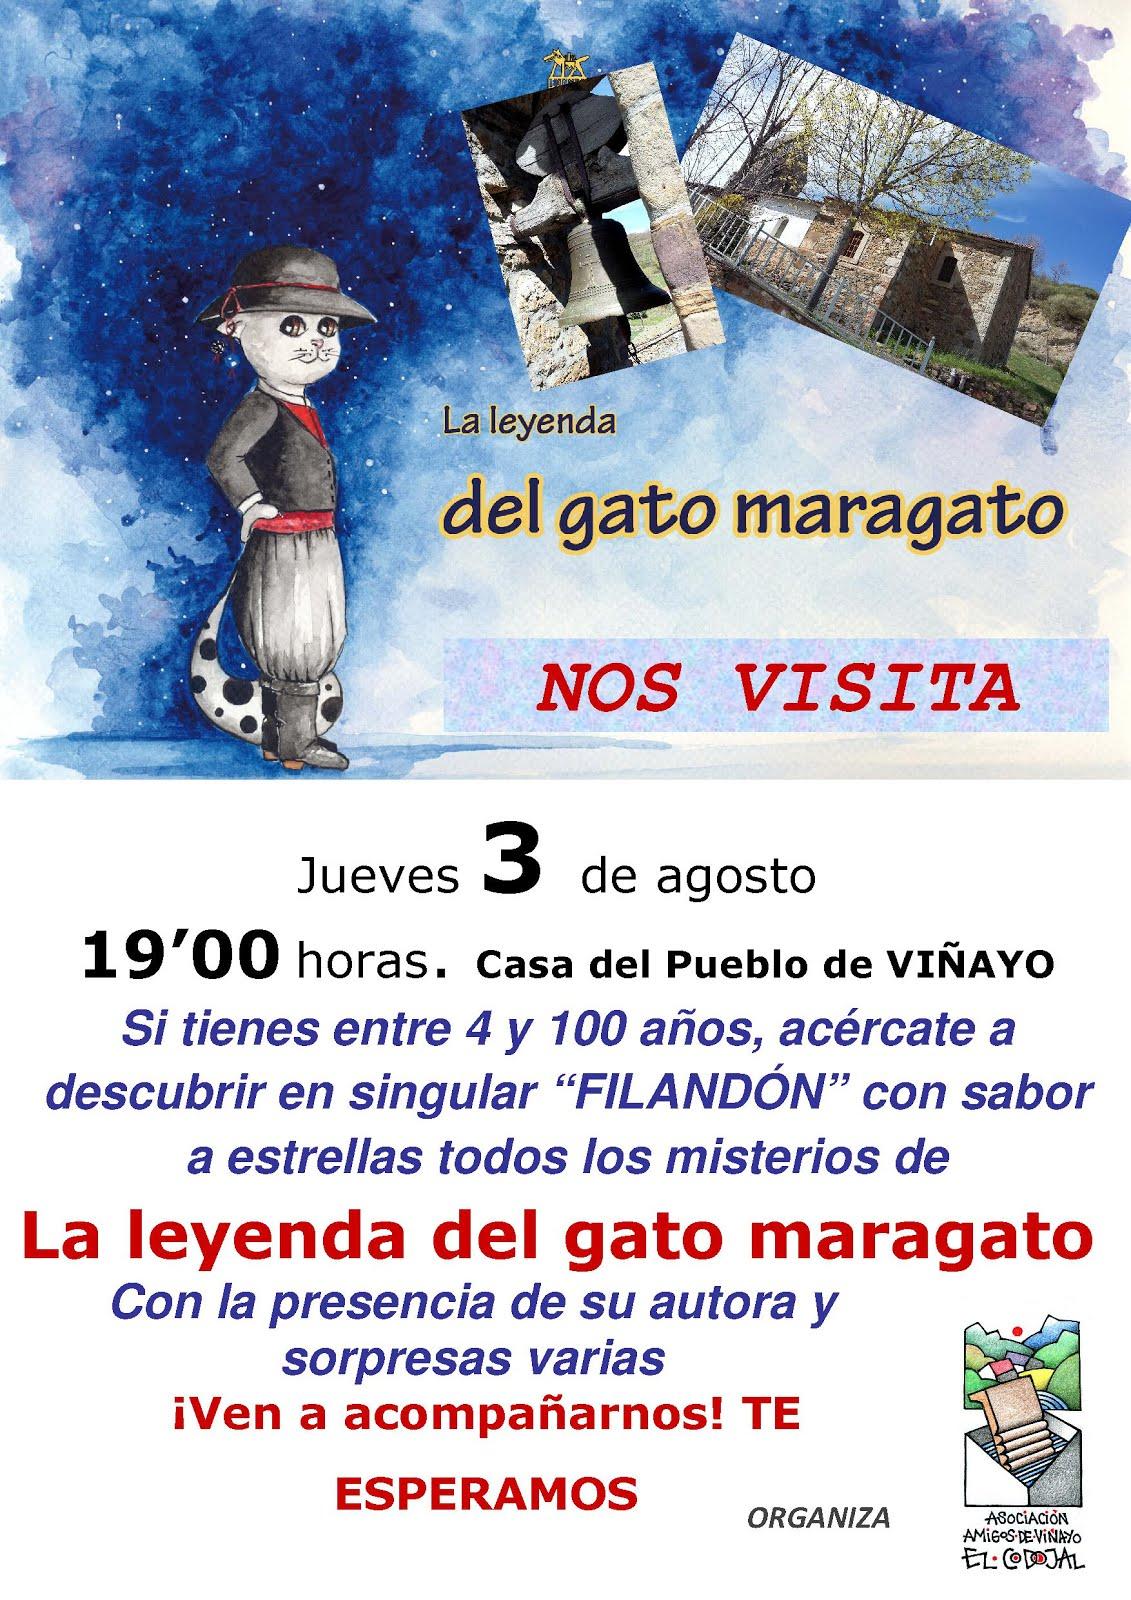 El gato maragato visitará Viñayo